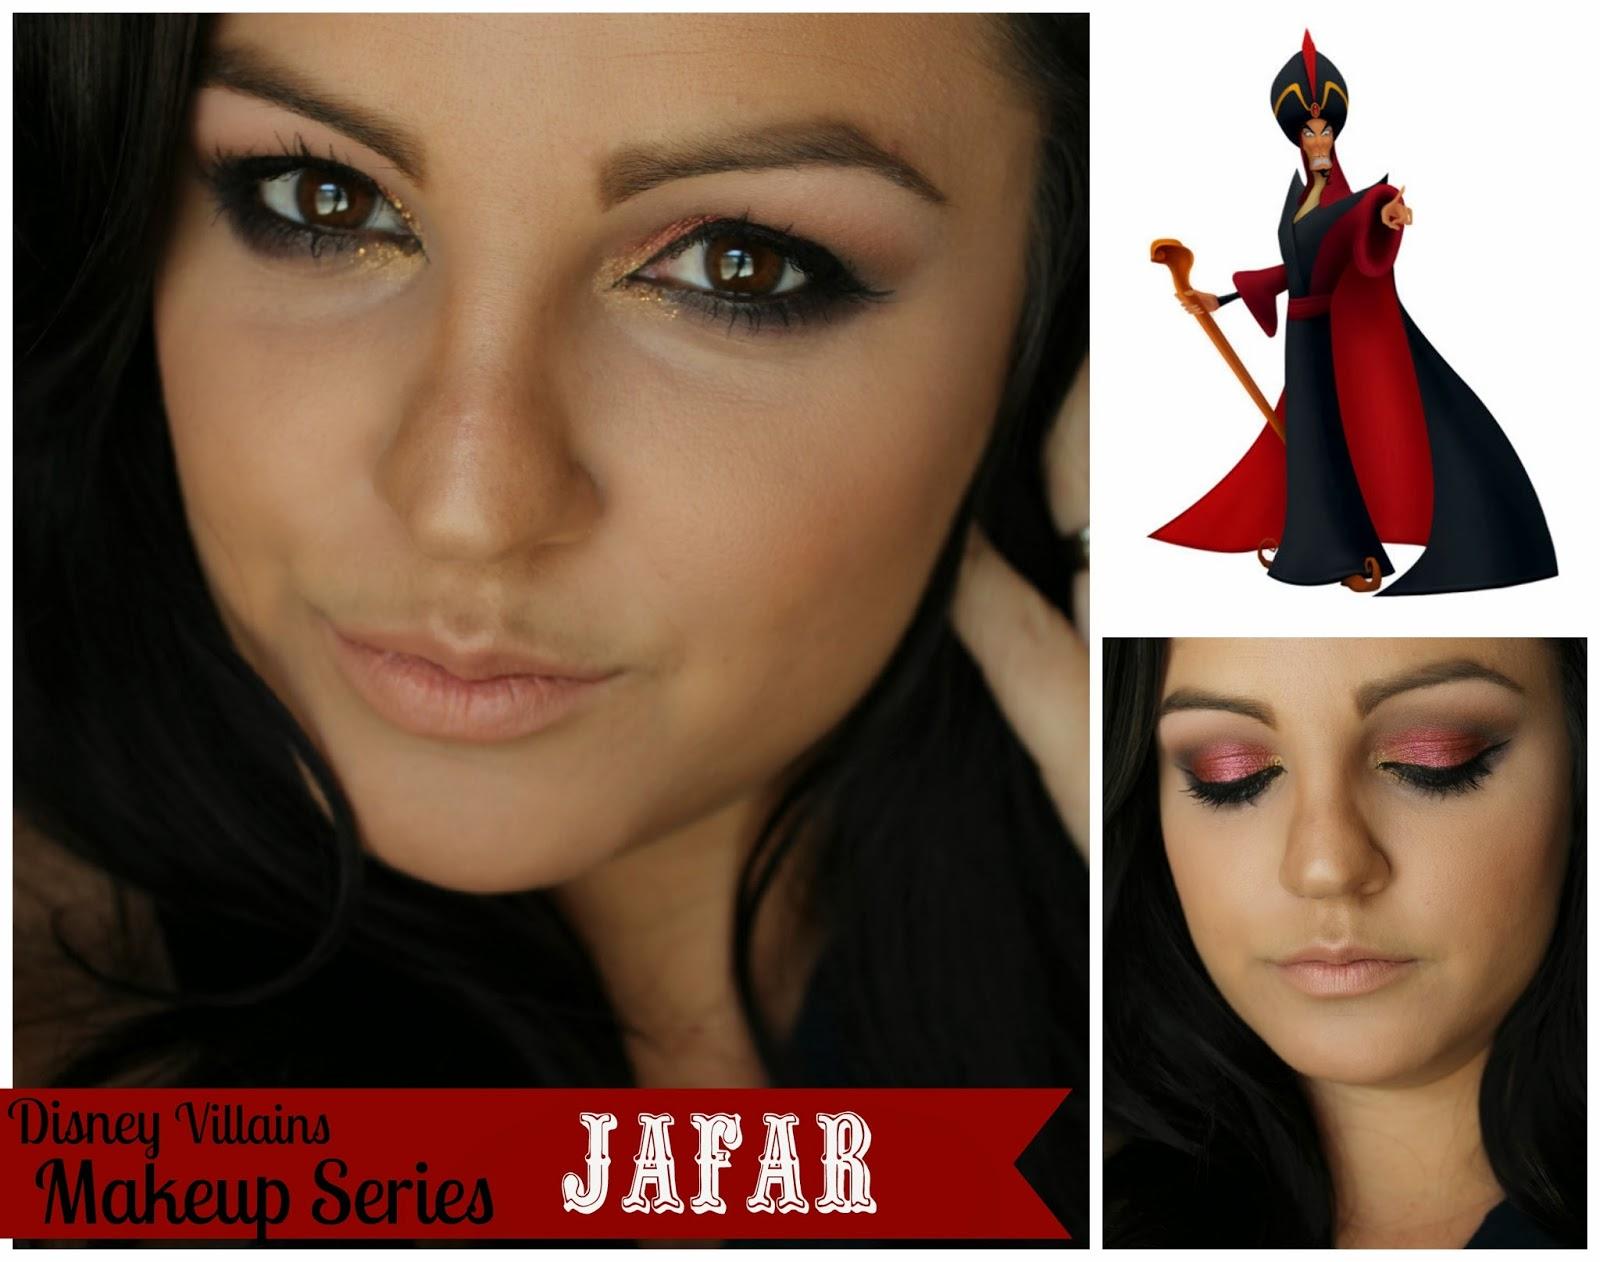 ... : Disney Villains Makeup Series {Jafar} Makeup Monday Linky Party